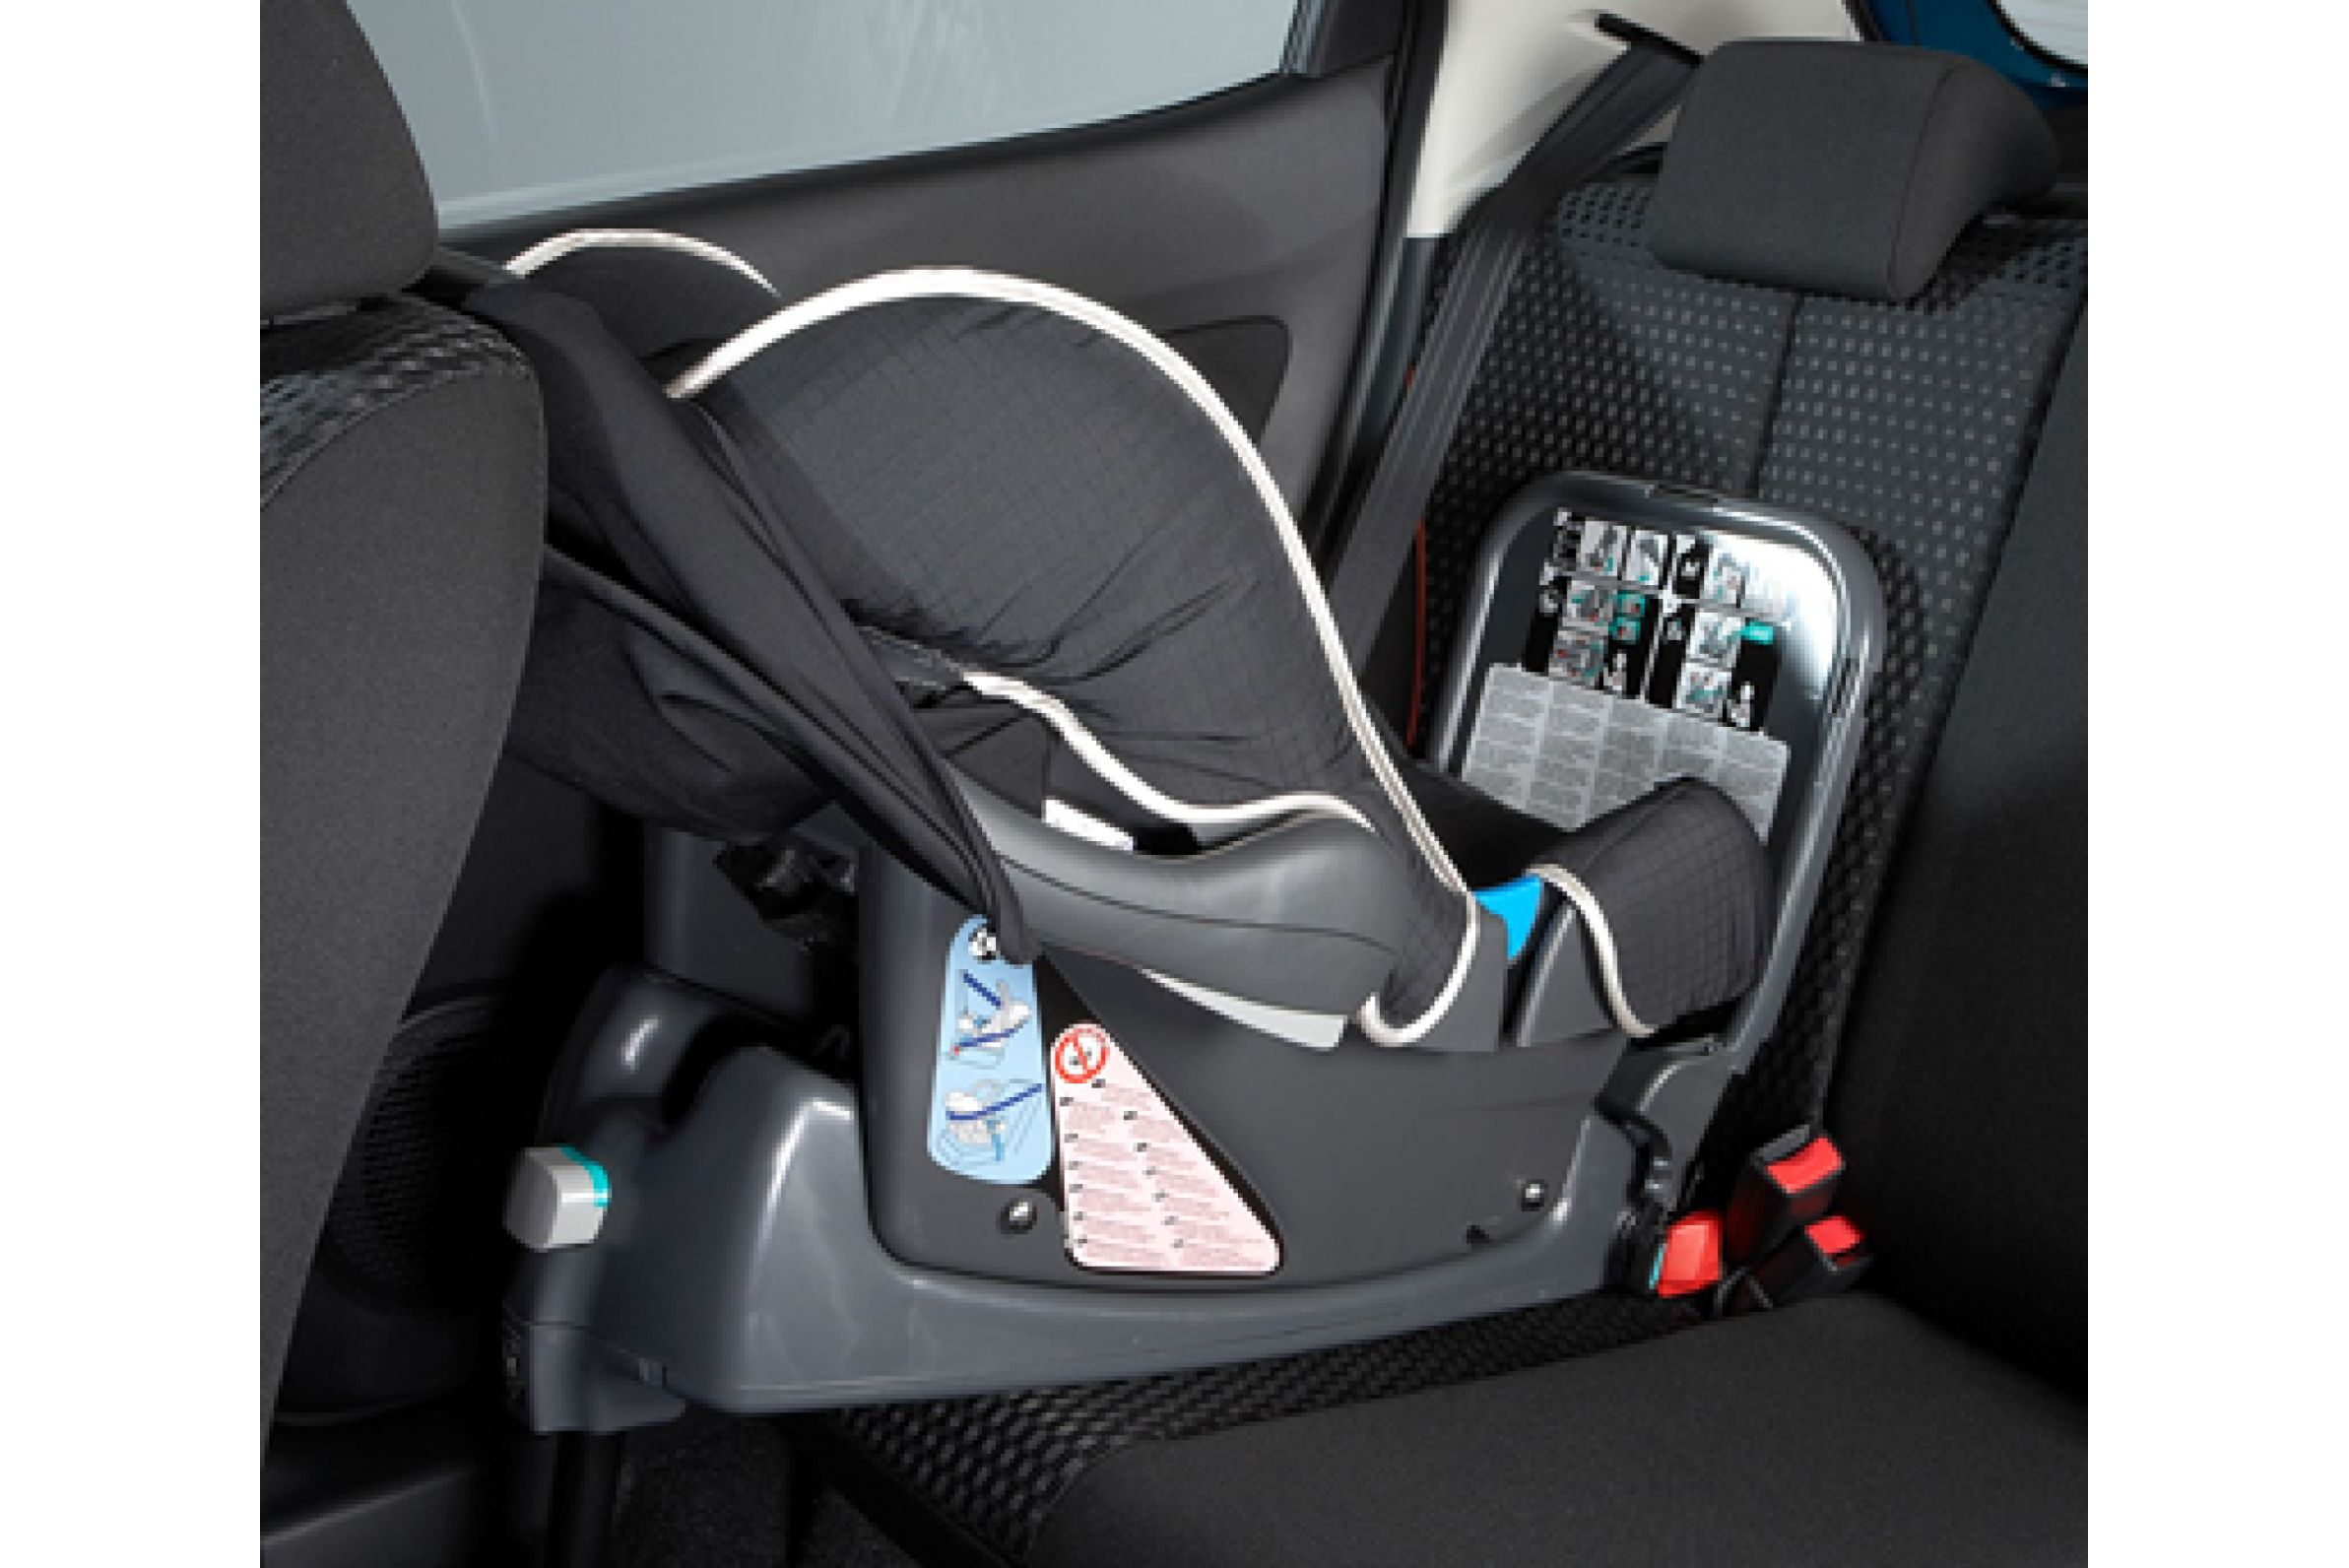 kindersitz baby safe plus 0-13 kg | mazda | autohaus schnaitheim